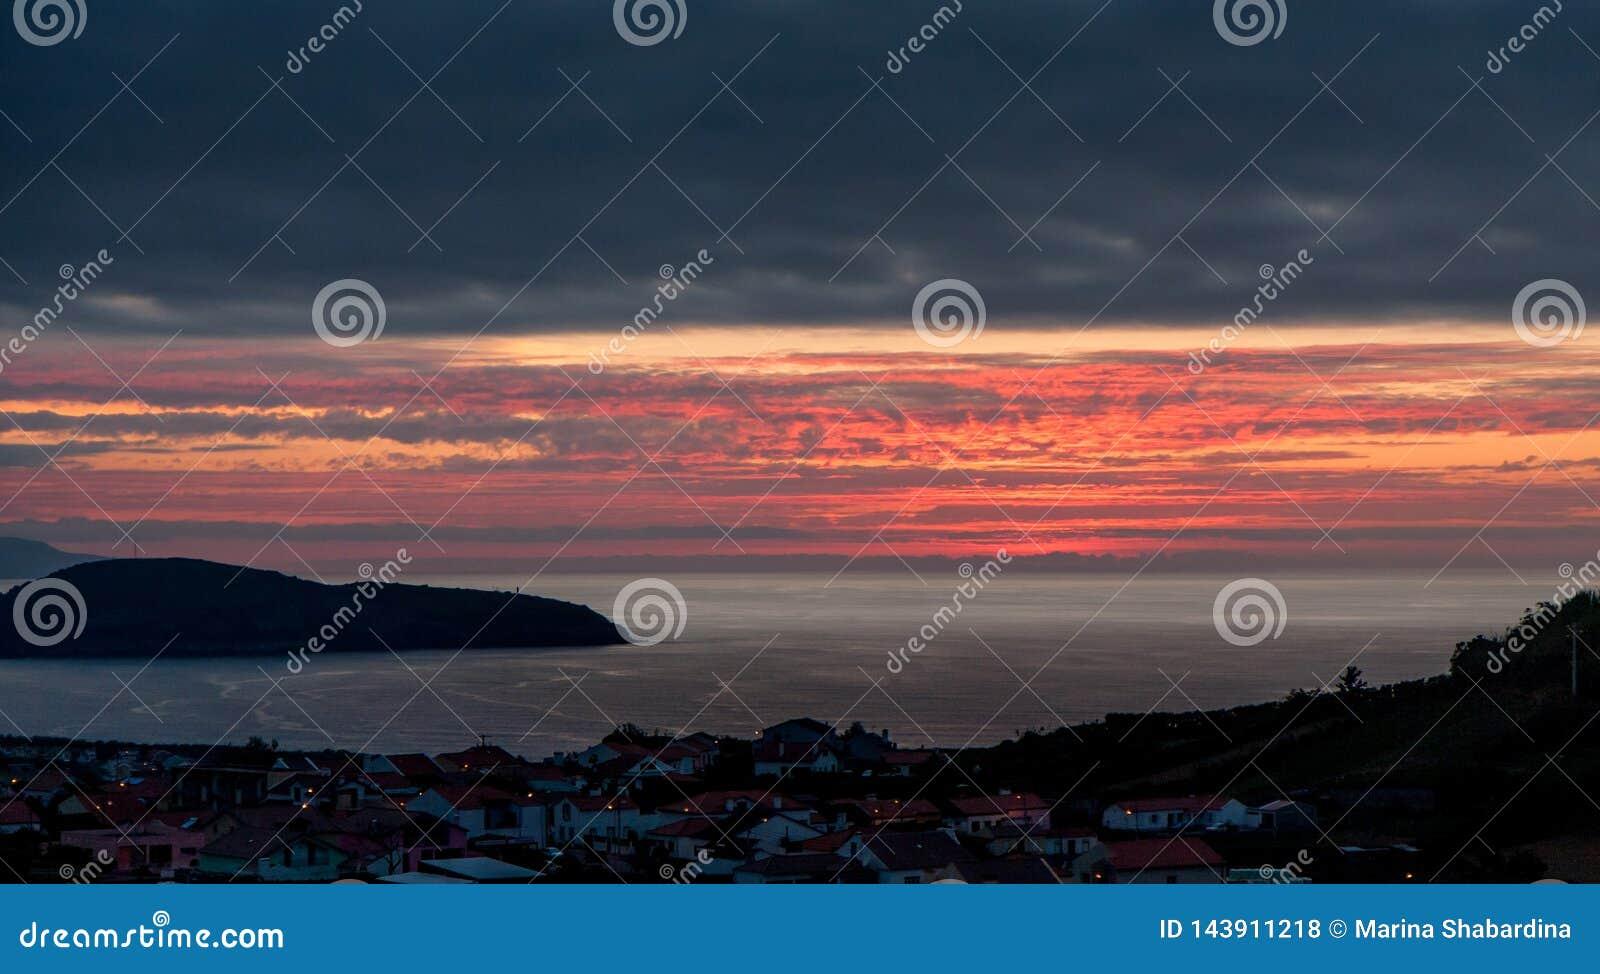 Mooie zonsondergang over de stad door het overzees